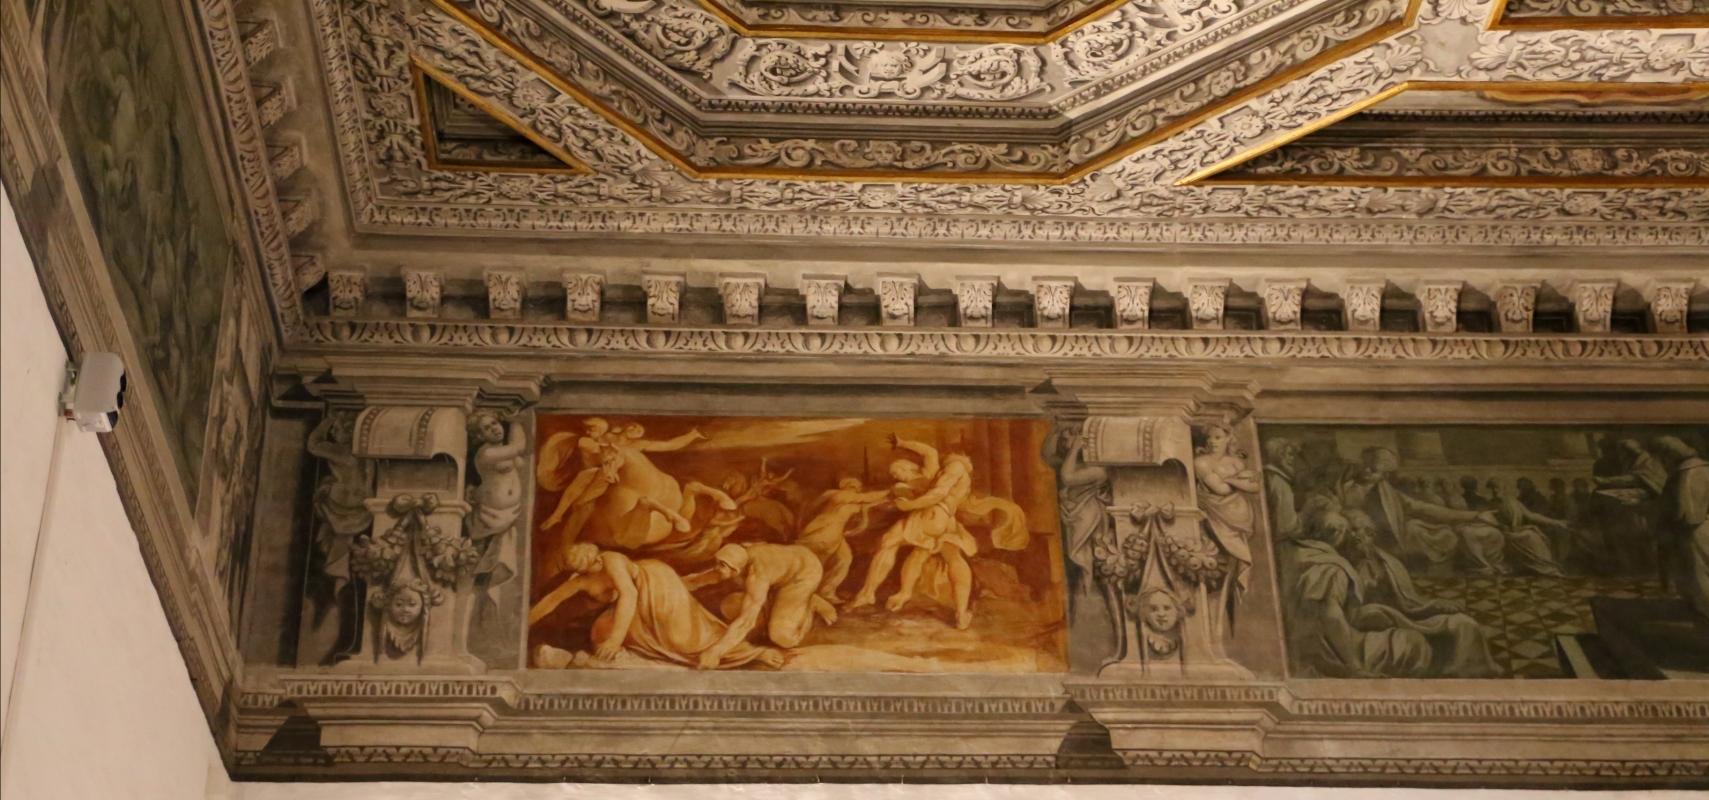 Gualtieri, palazzo bentivoglio, sala di giove, fregio con storie di roma da tito livio, 1600-05 circa, 06 ratto delle sabine - Sailko - Gualtieri (RE)